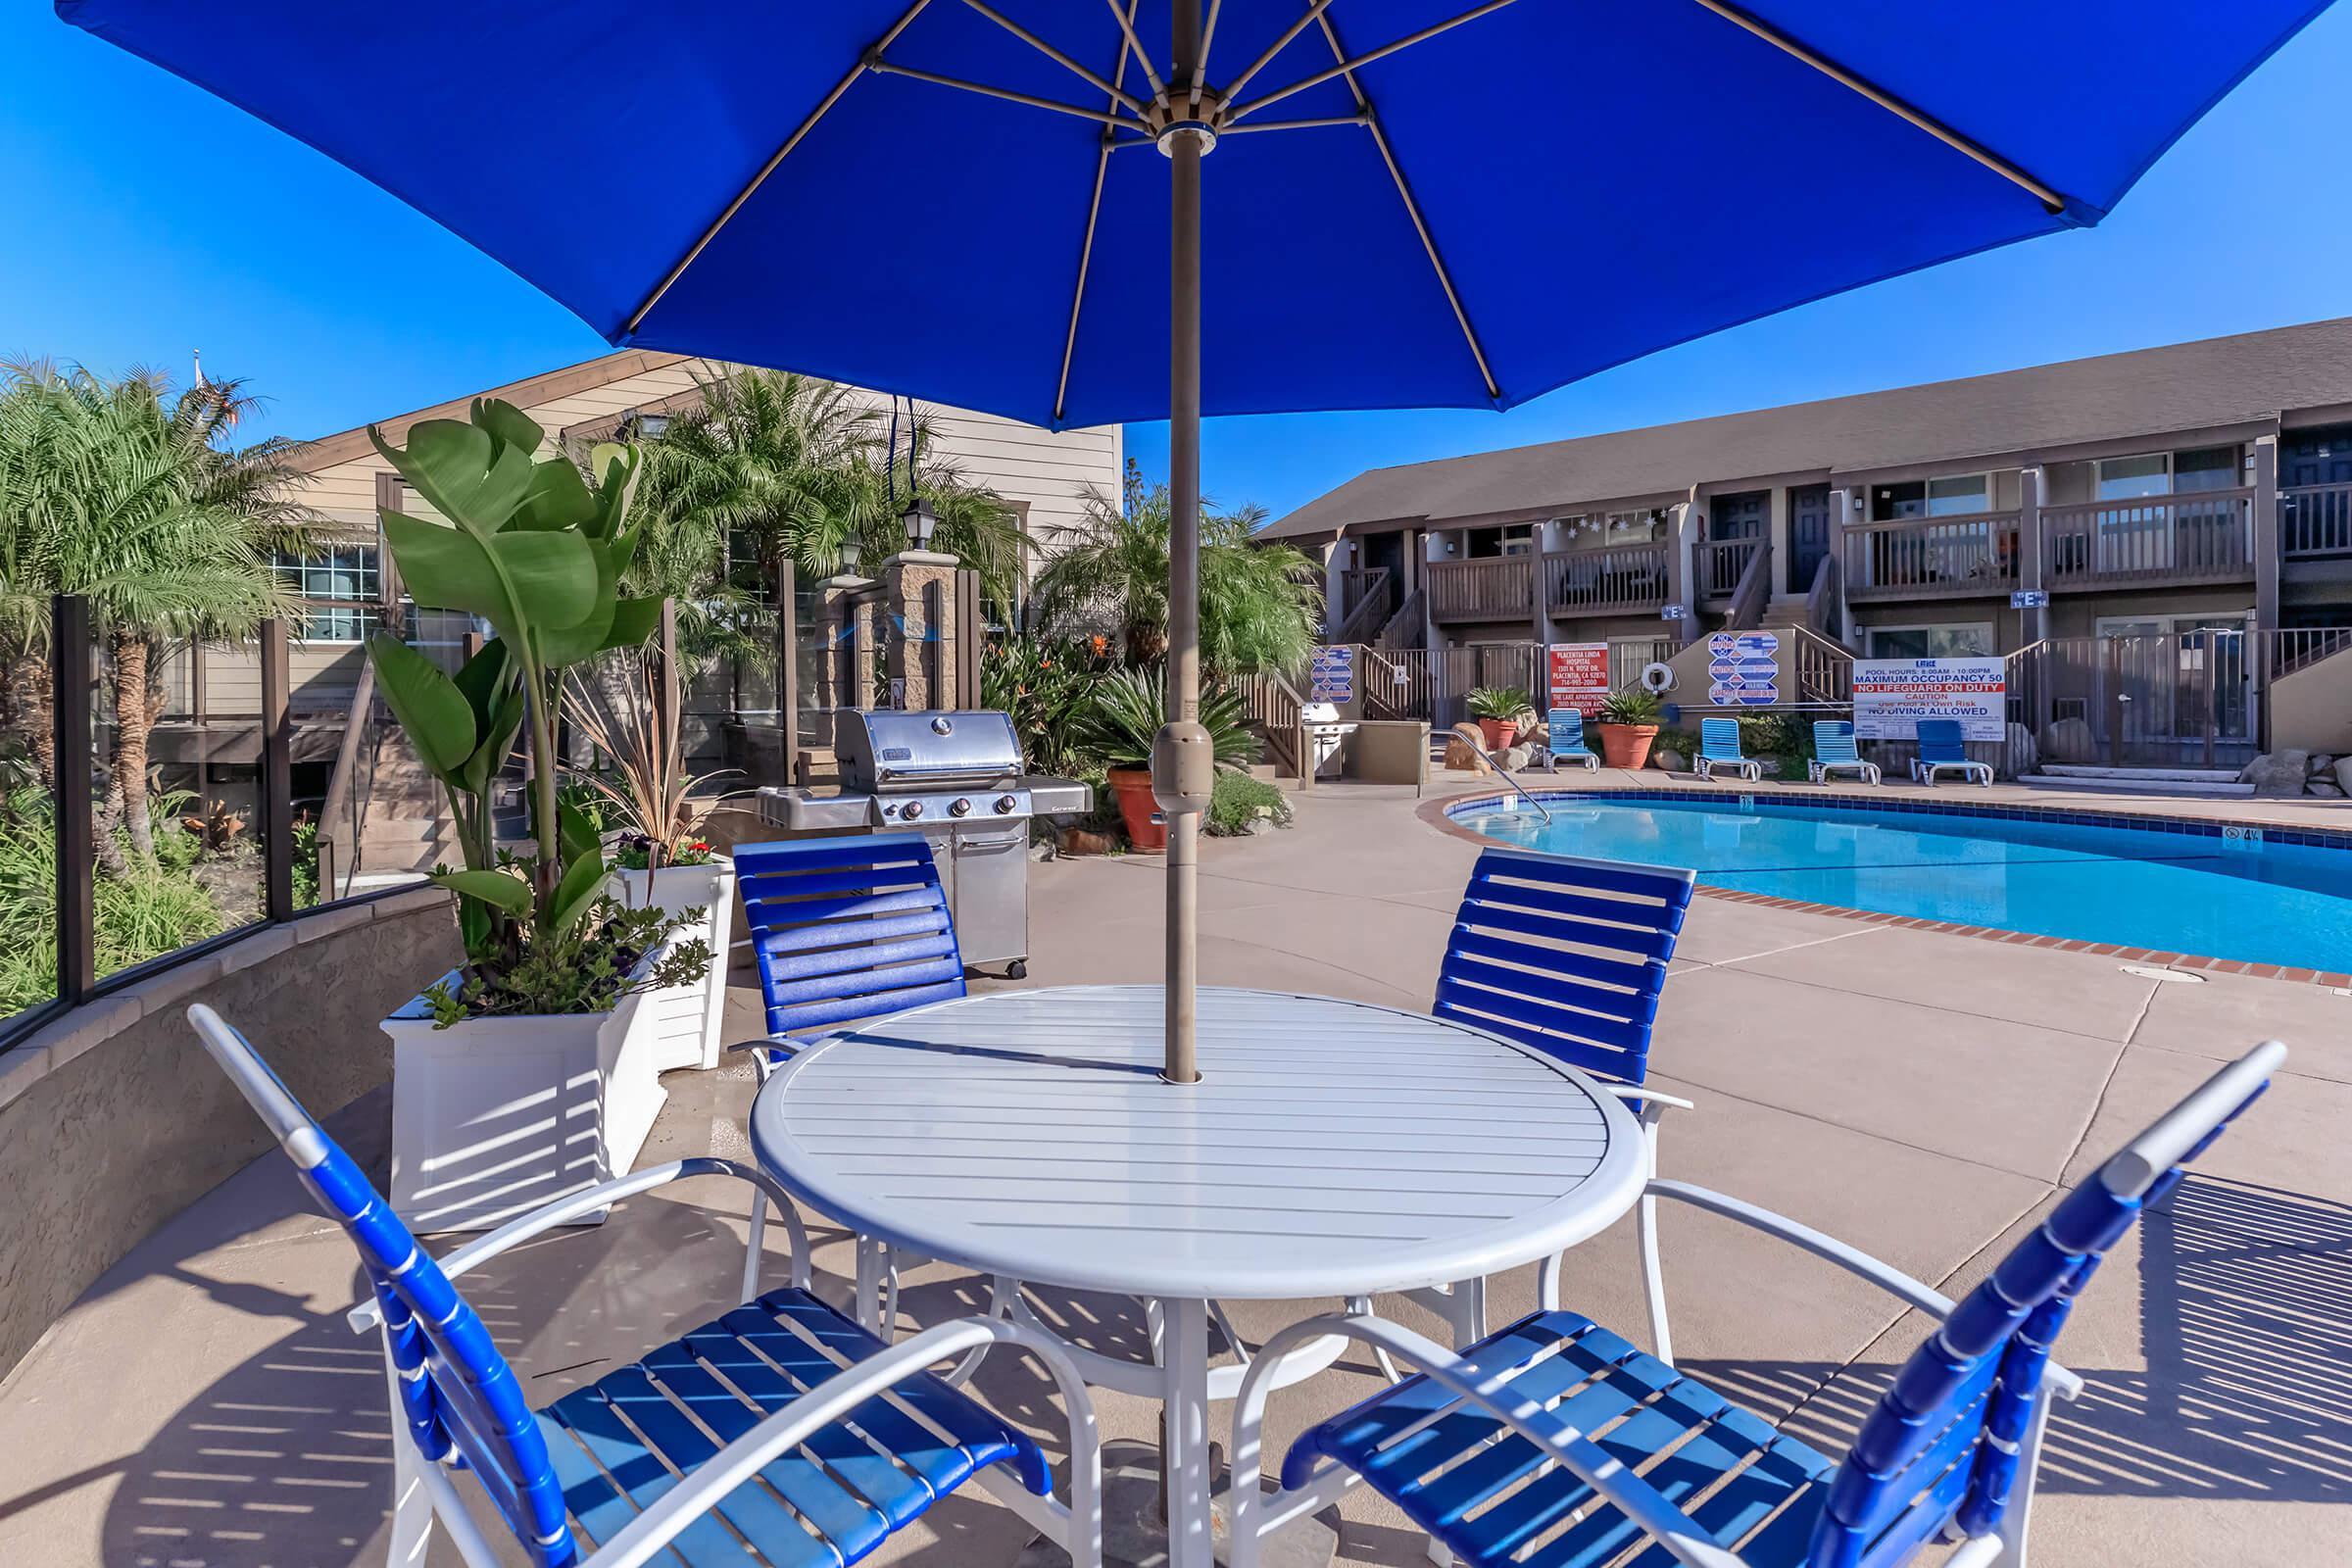 Pool at The Lake in Fullerton, CA